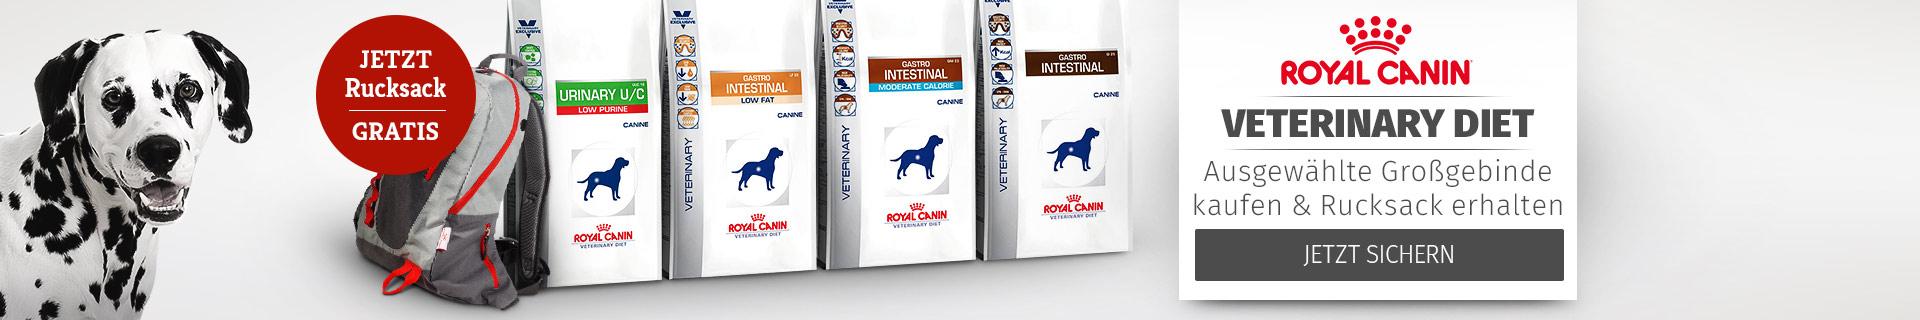 Royal Canin Veterinary Diet Ausgewählte Großgebinde kaufen und Rucksack erhalten